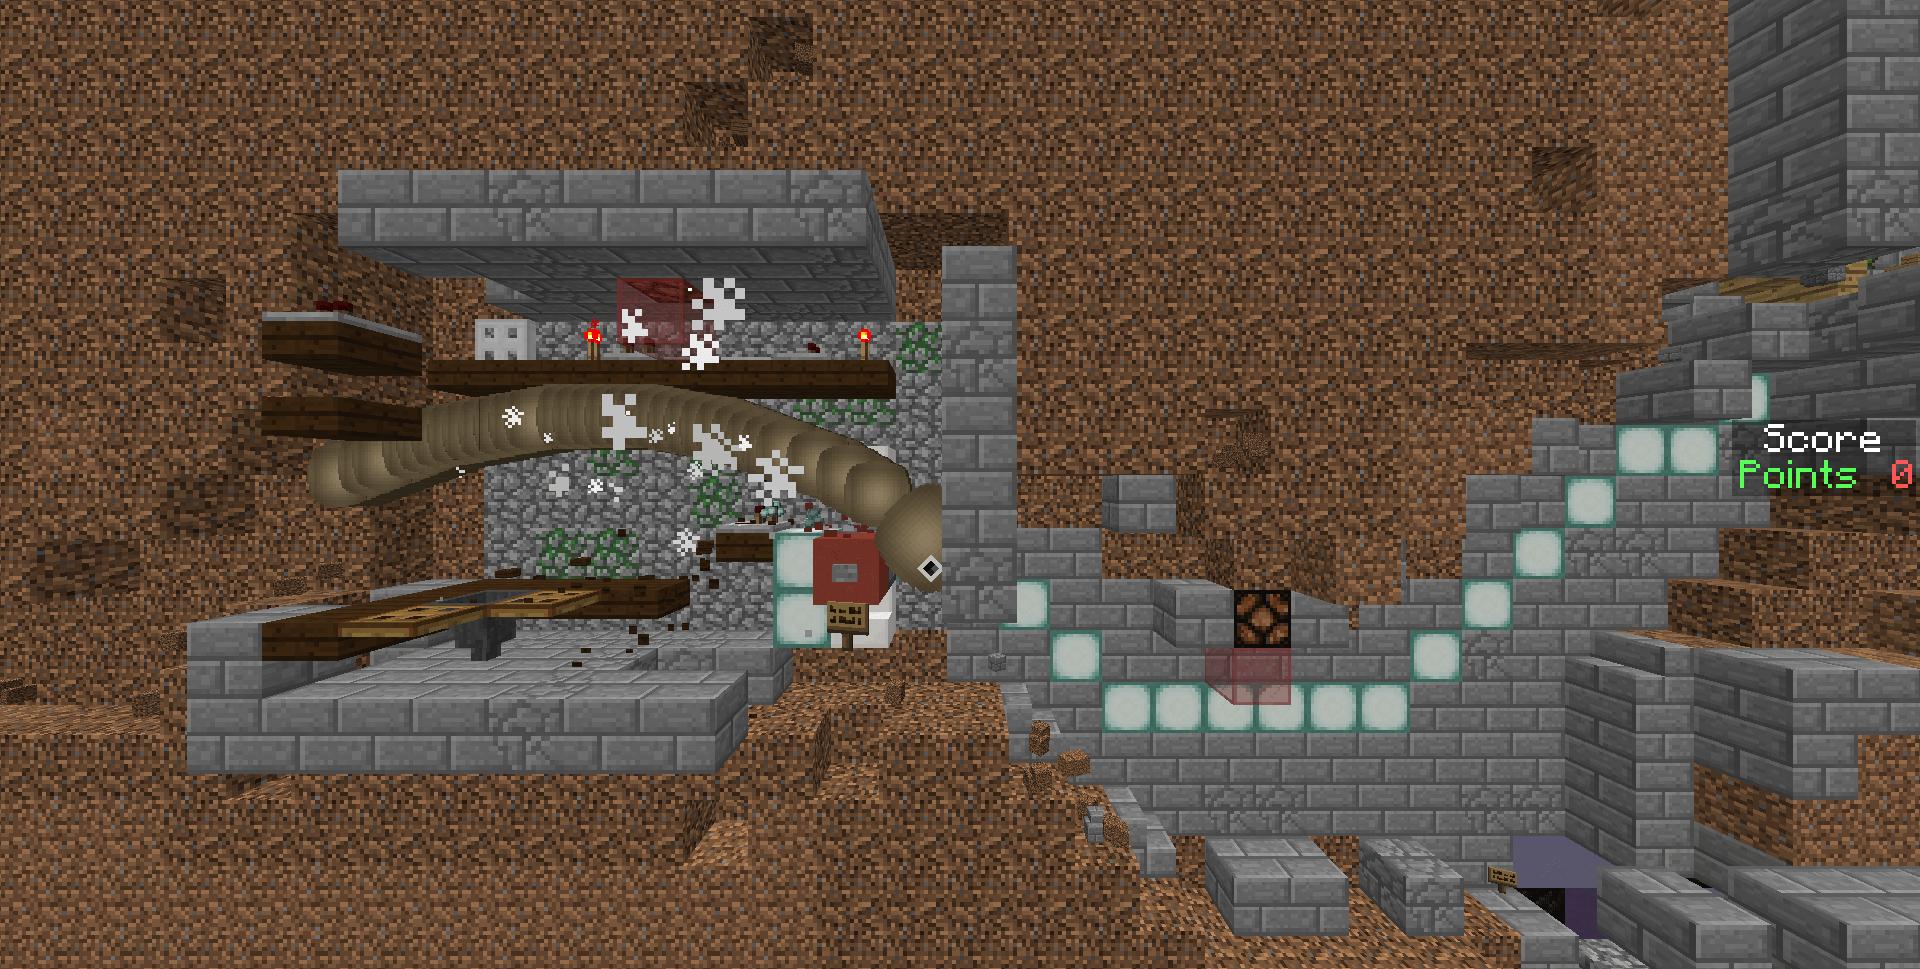 Destructive Worms - 1